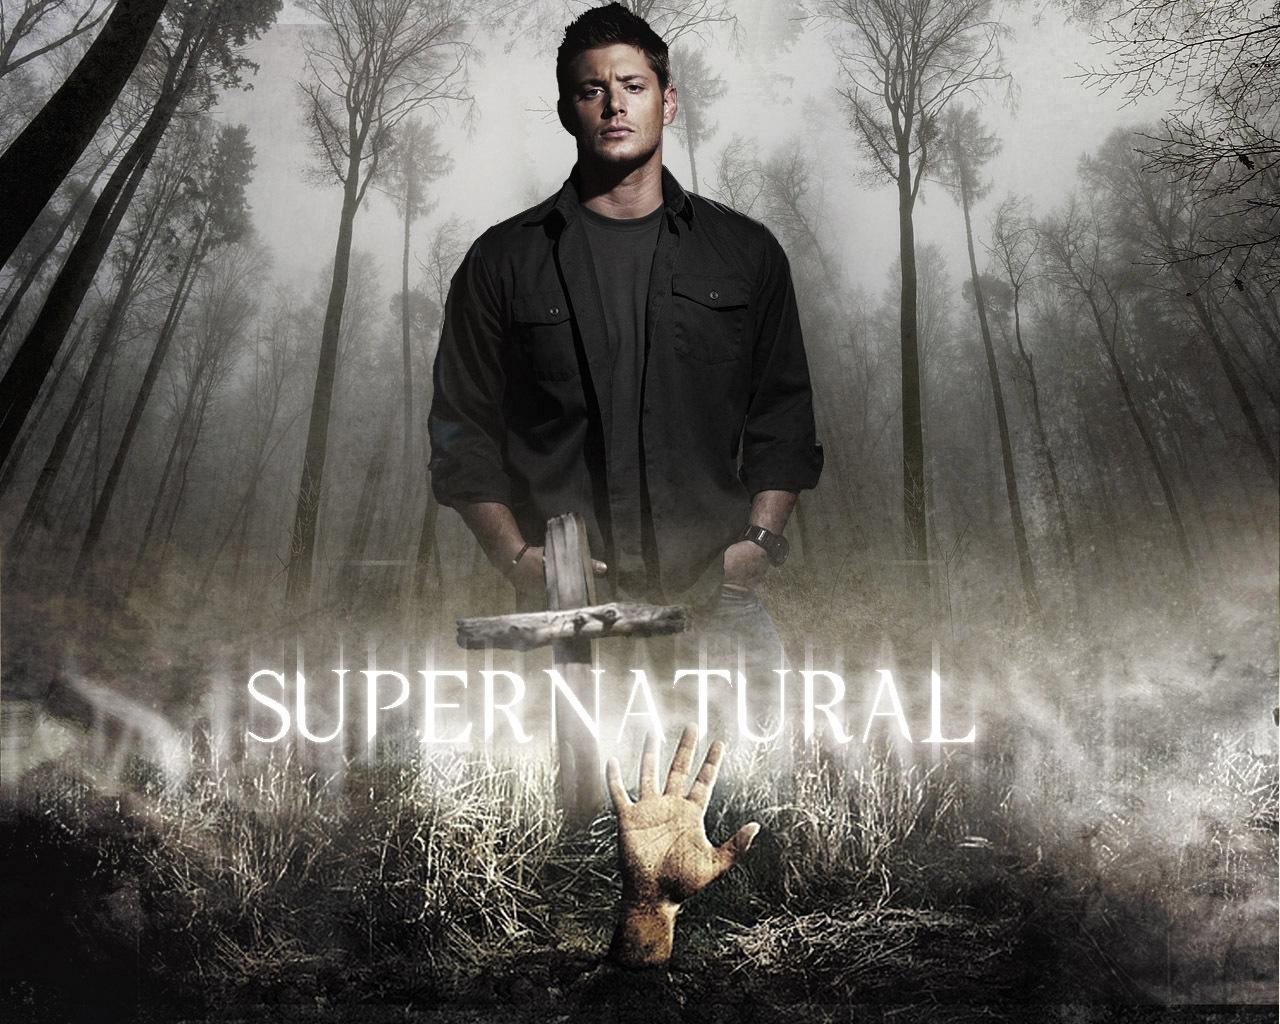 Dean *